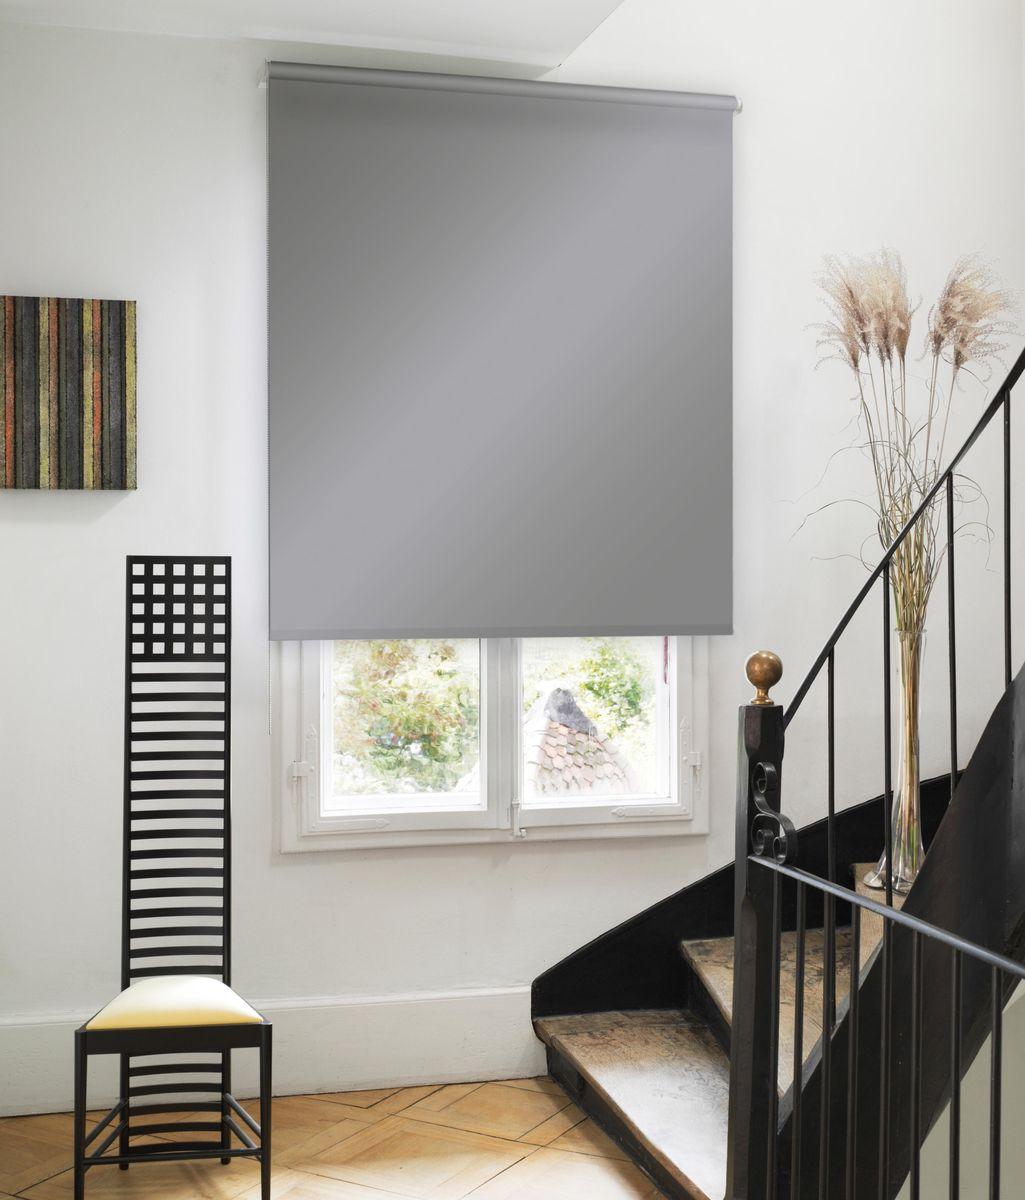 Штора рулонная Эскар, цвет: серый, ширина 60 см, высота 170 см81020060170Рулонными шторами можно оформлять окна как самостоятельно, так и использовать в комбинации с портьерами. Это поможет предотвратить выгорание дорогой ткани на солнце и соединит функционал рулонных с красотой навесных. Преимущества применения рулонных штор для пластиковых окон: - имеют прекрасный внешний вид: многообразие и фактурность материала изделия отлично смотрятся в любом интерьере; - многофункциональны: есть возможность подобрать шторы способные эффективно защитить комнату от солнца, при этом о на не будет слишком темной. - Есть возможность осуществить быстрый монтаж. ВНИМАНИЕ! Размеры ширины изделия указаны по ширине ткани! Во время эксплуатации не рекомендуется полностью разматывать рулон, чтобы не оторвать ткань от намоточного вала. В случае загрязнения поверхности ткани, чистку шторы проводят одним из способов, в зависимости от типа загрязнения: легкое поверхностное загрязнение можно удалить при помощи...